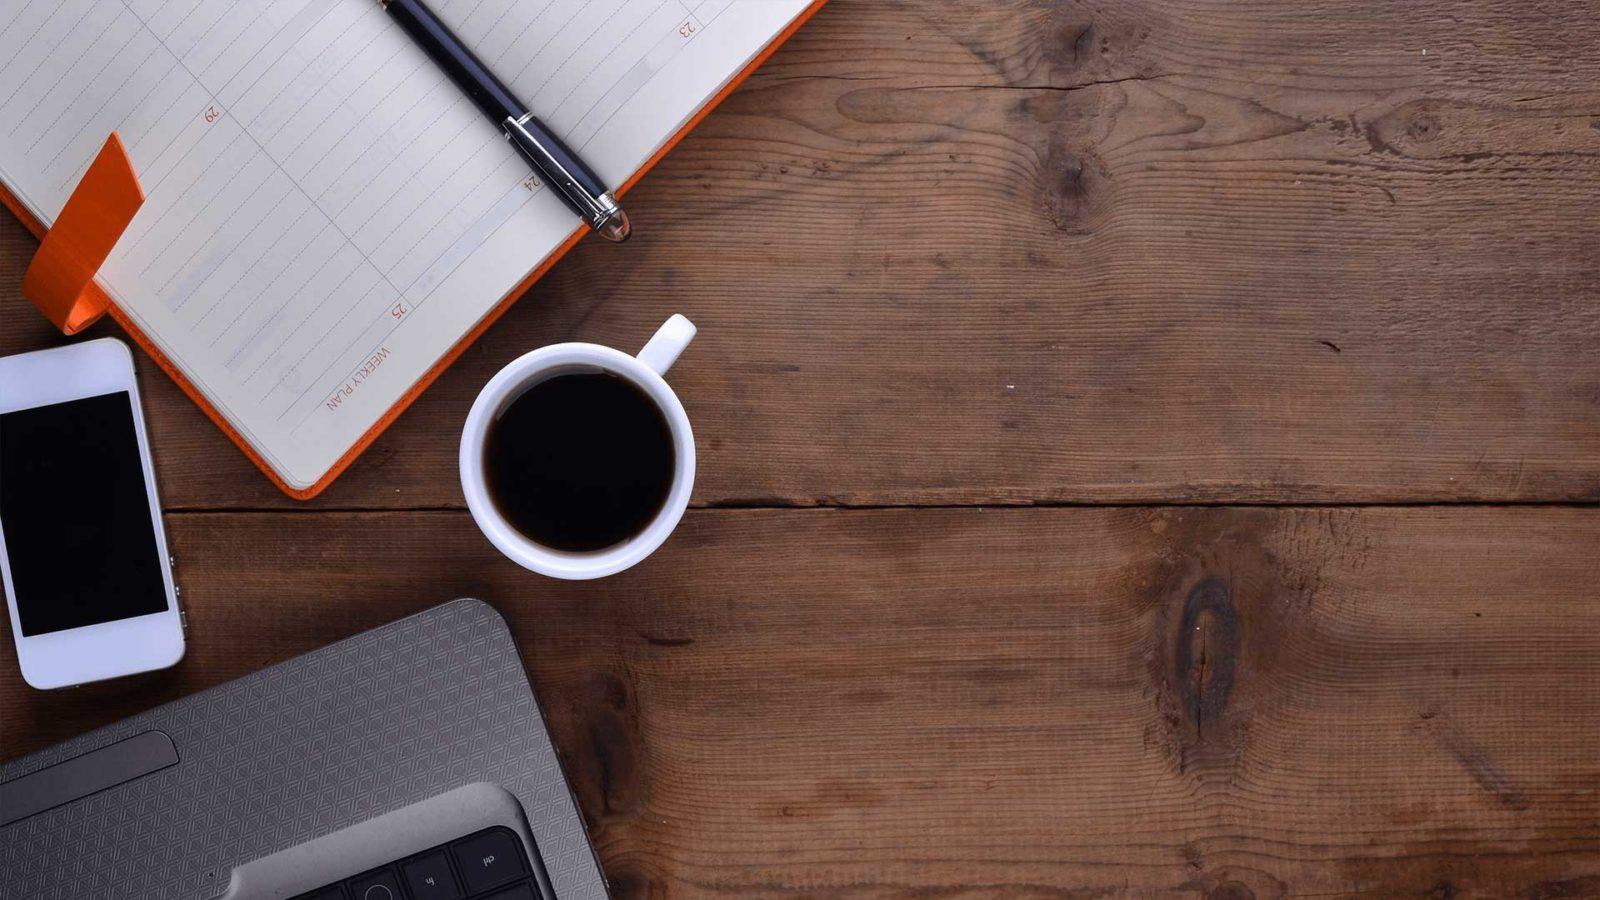 Työpöytä, jossa näkyy mm. kahvikuppi, tietokone, puhelin